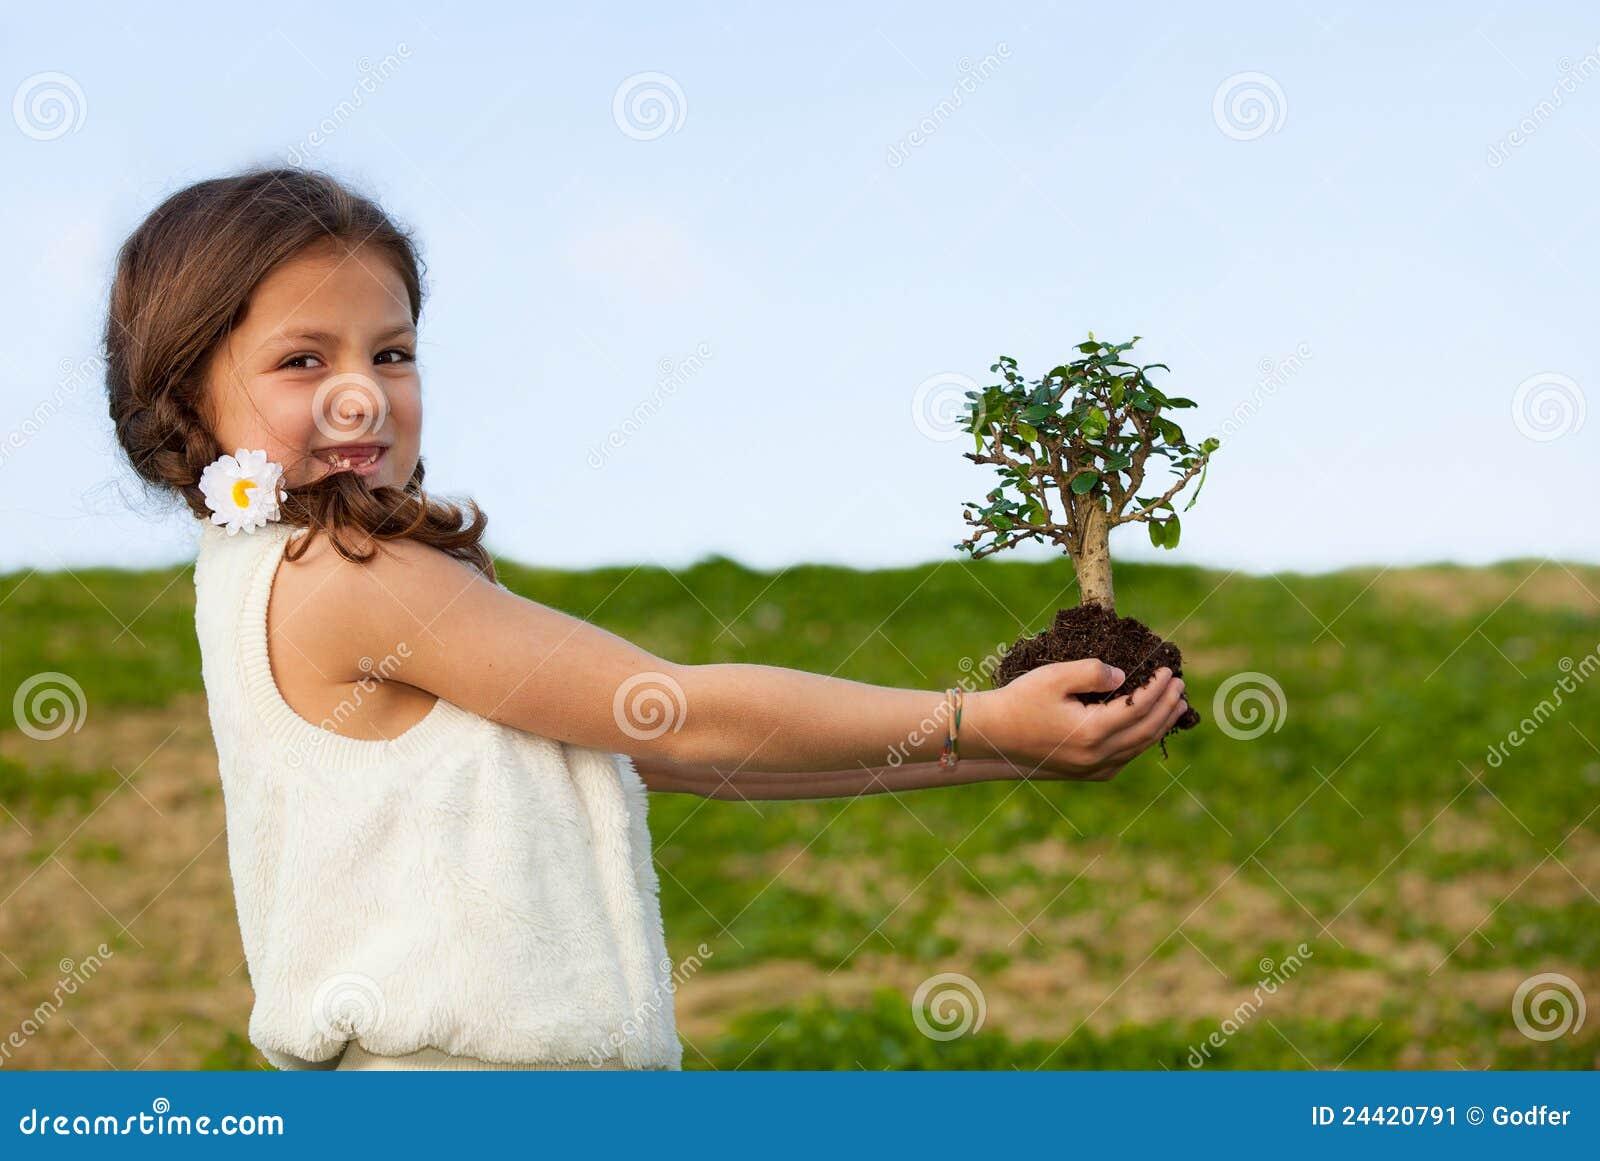 Ambiente y naturaleza